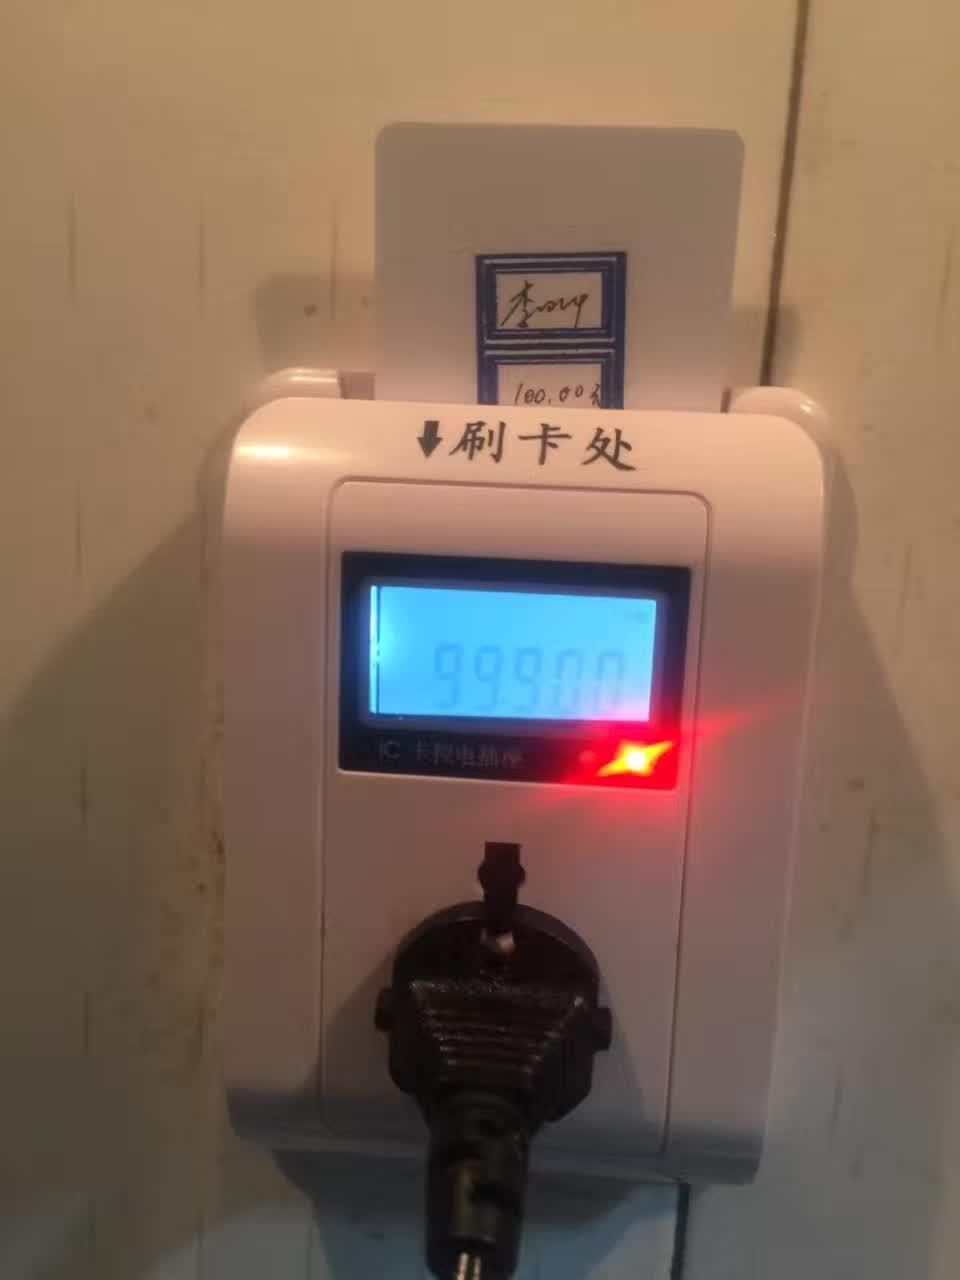 昌平控电控水出租房空调计时计量智能控电插座预防火灾